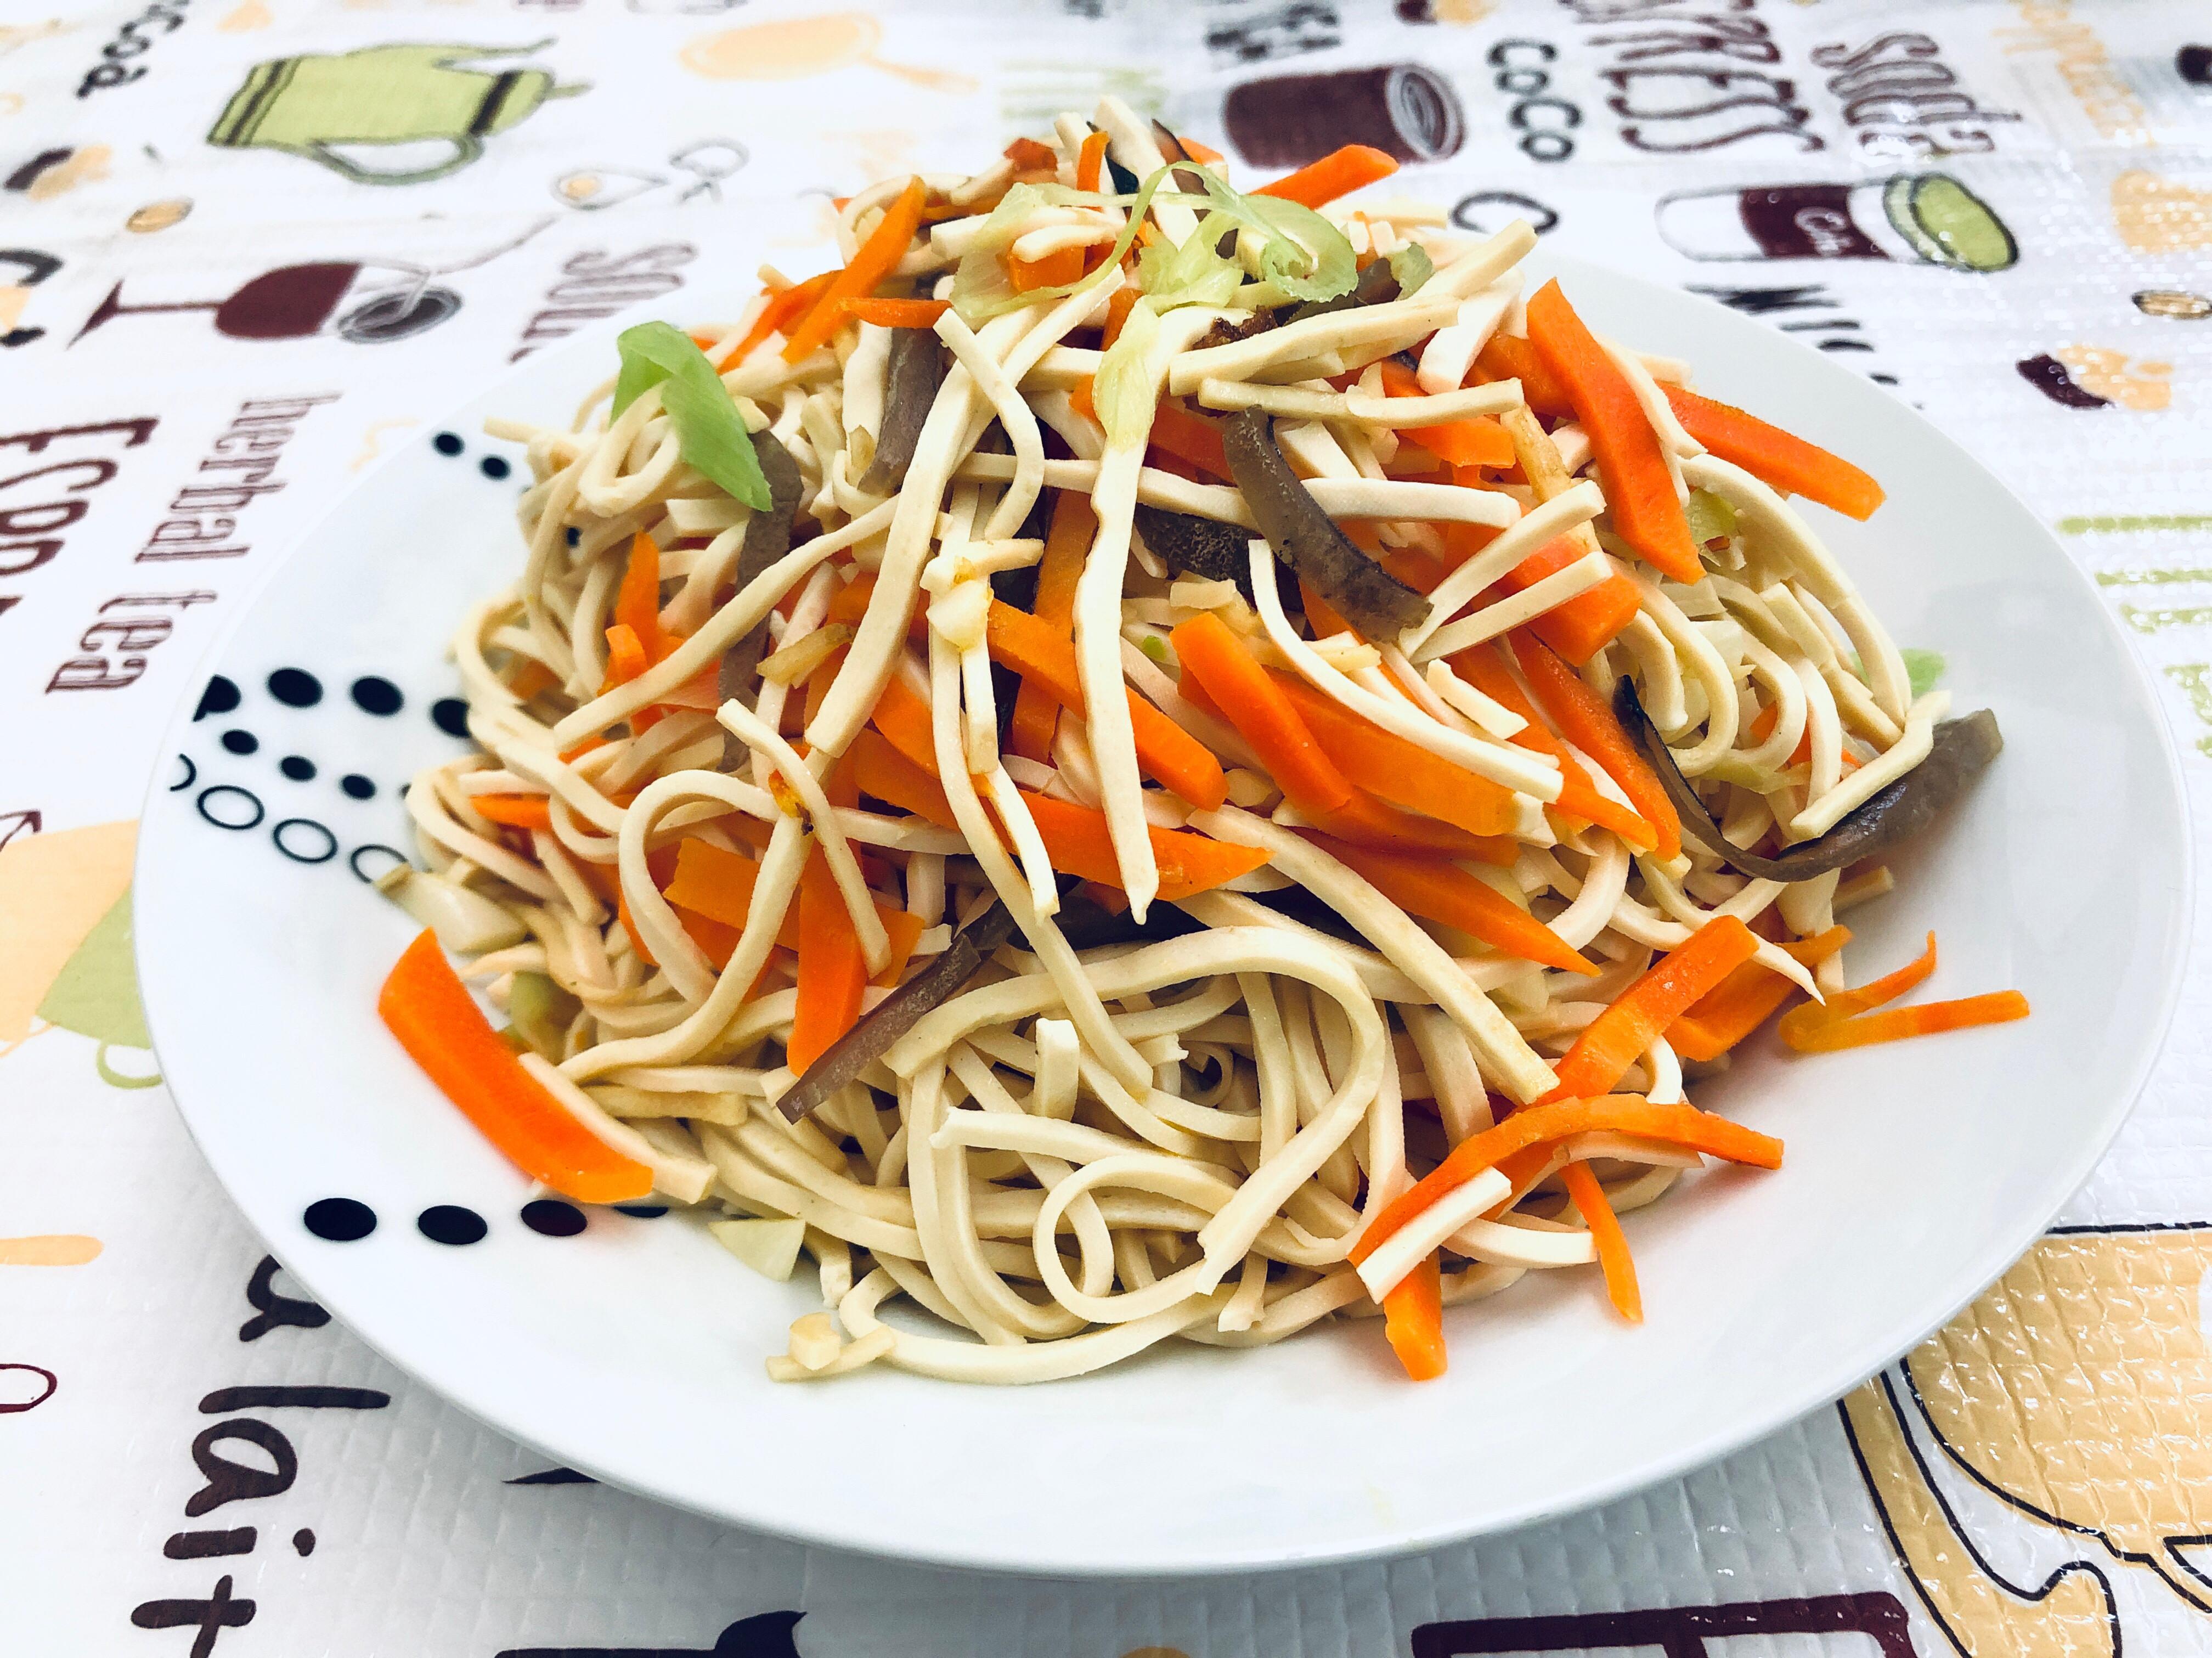 三色蔬食炒豆干絲 (紅蘿蔔、木耳)